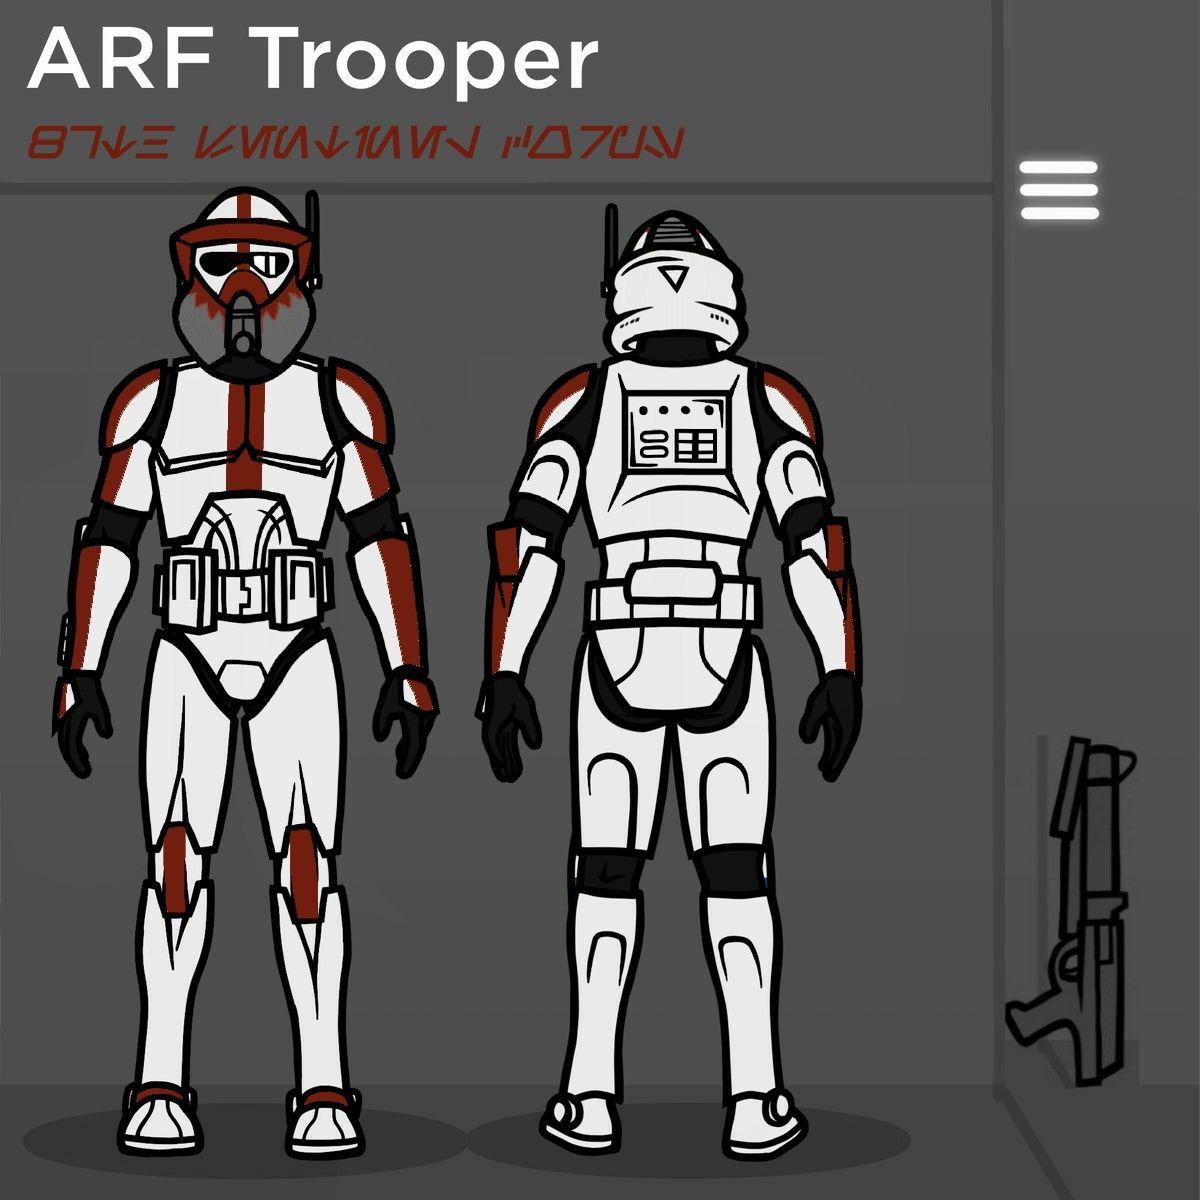 87th Arf Trooper In 2020 Star Wars Wallpaper Star Wars Painting New Star Wars